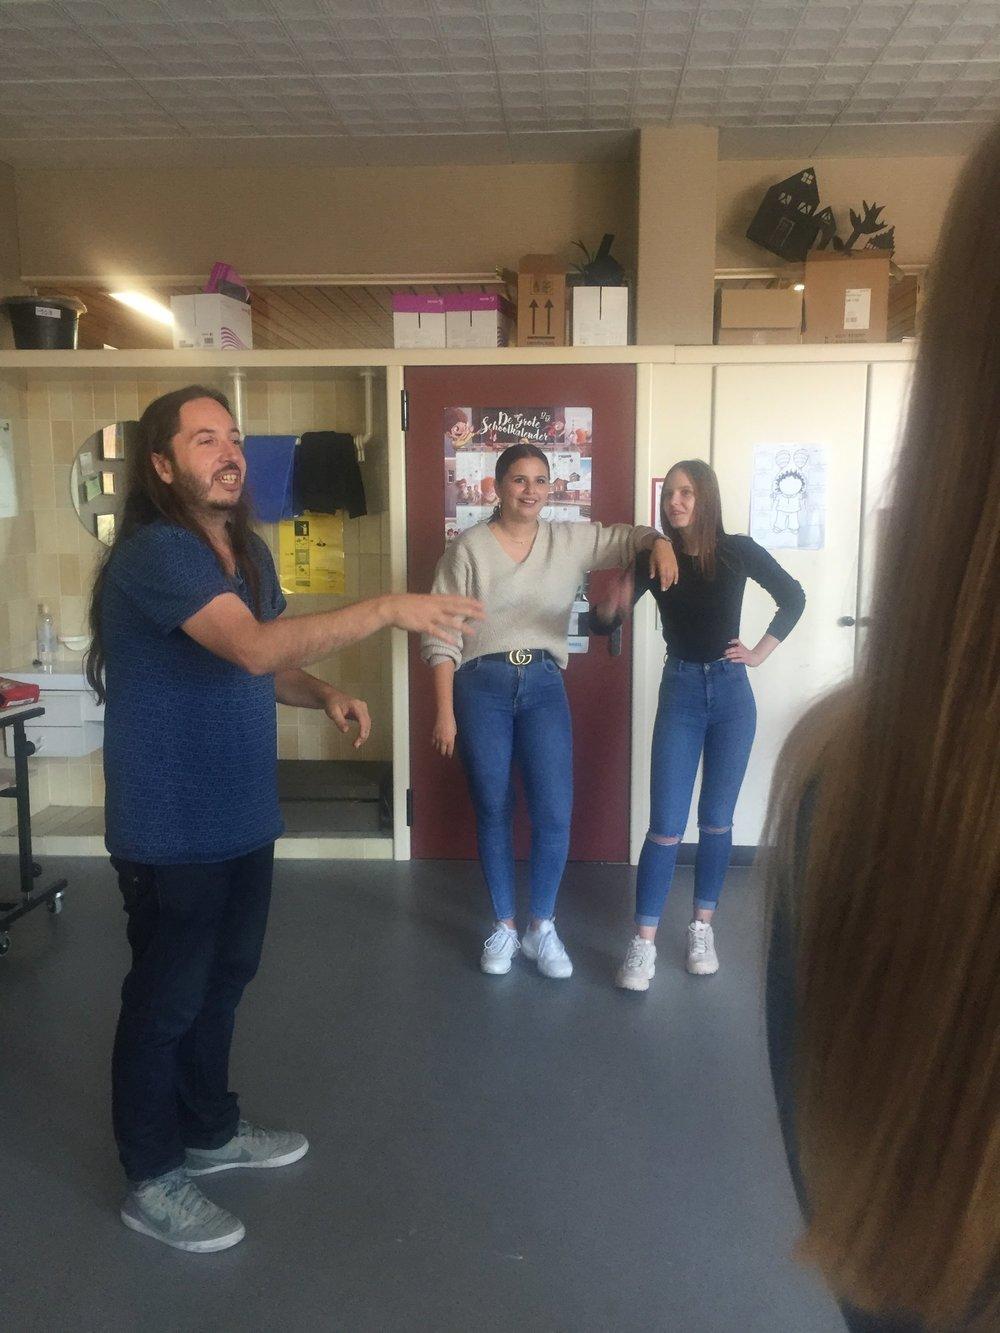 Domien Vloeberghs - Domien is stand up comedian en speelt improvisatietheater bij de Gentse groep Improcessie. Hij begeleidt de leerlingen verzorging tijdens enkele workshops improvisatietheater.